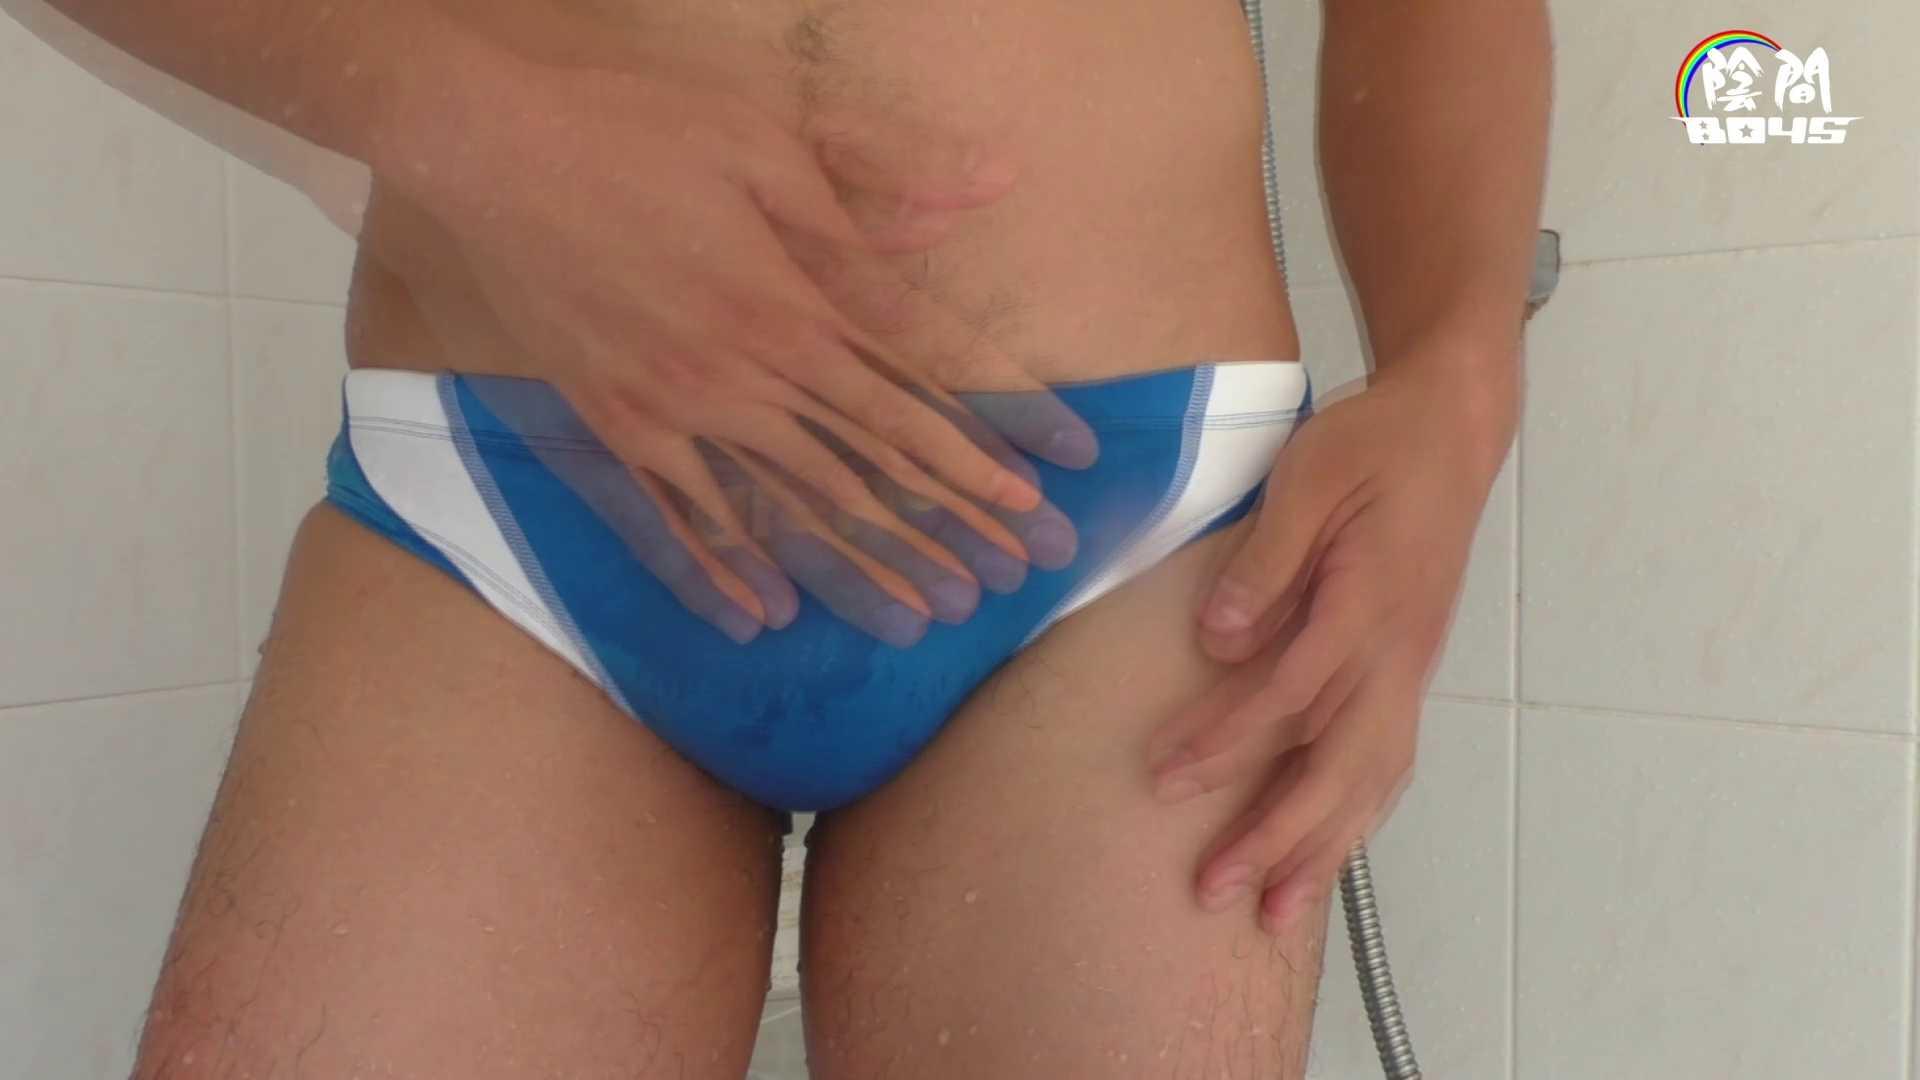 アナルで営業ワン・ツー・ スリーpart2 Vol.9 男祭り ゲイSEX画像 85枚 38